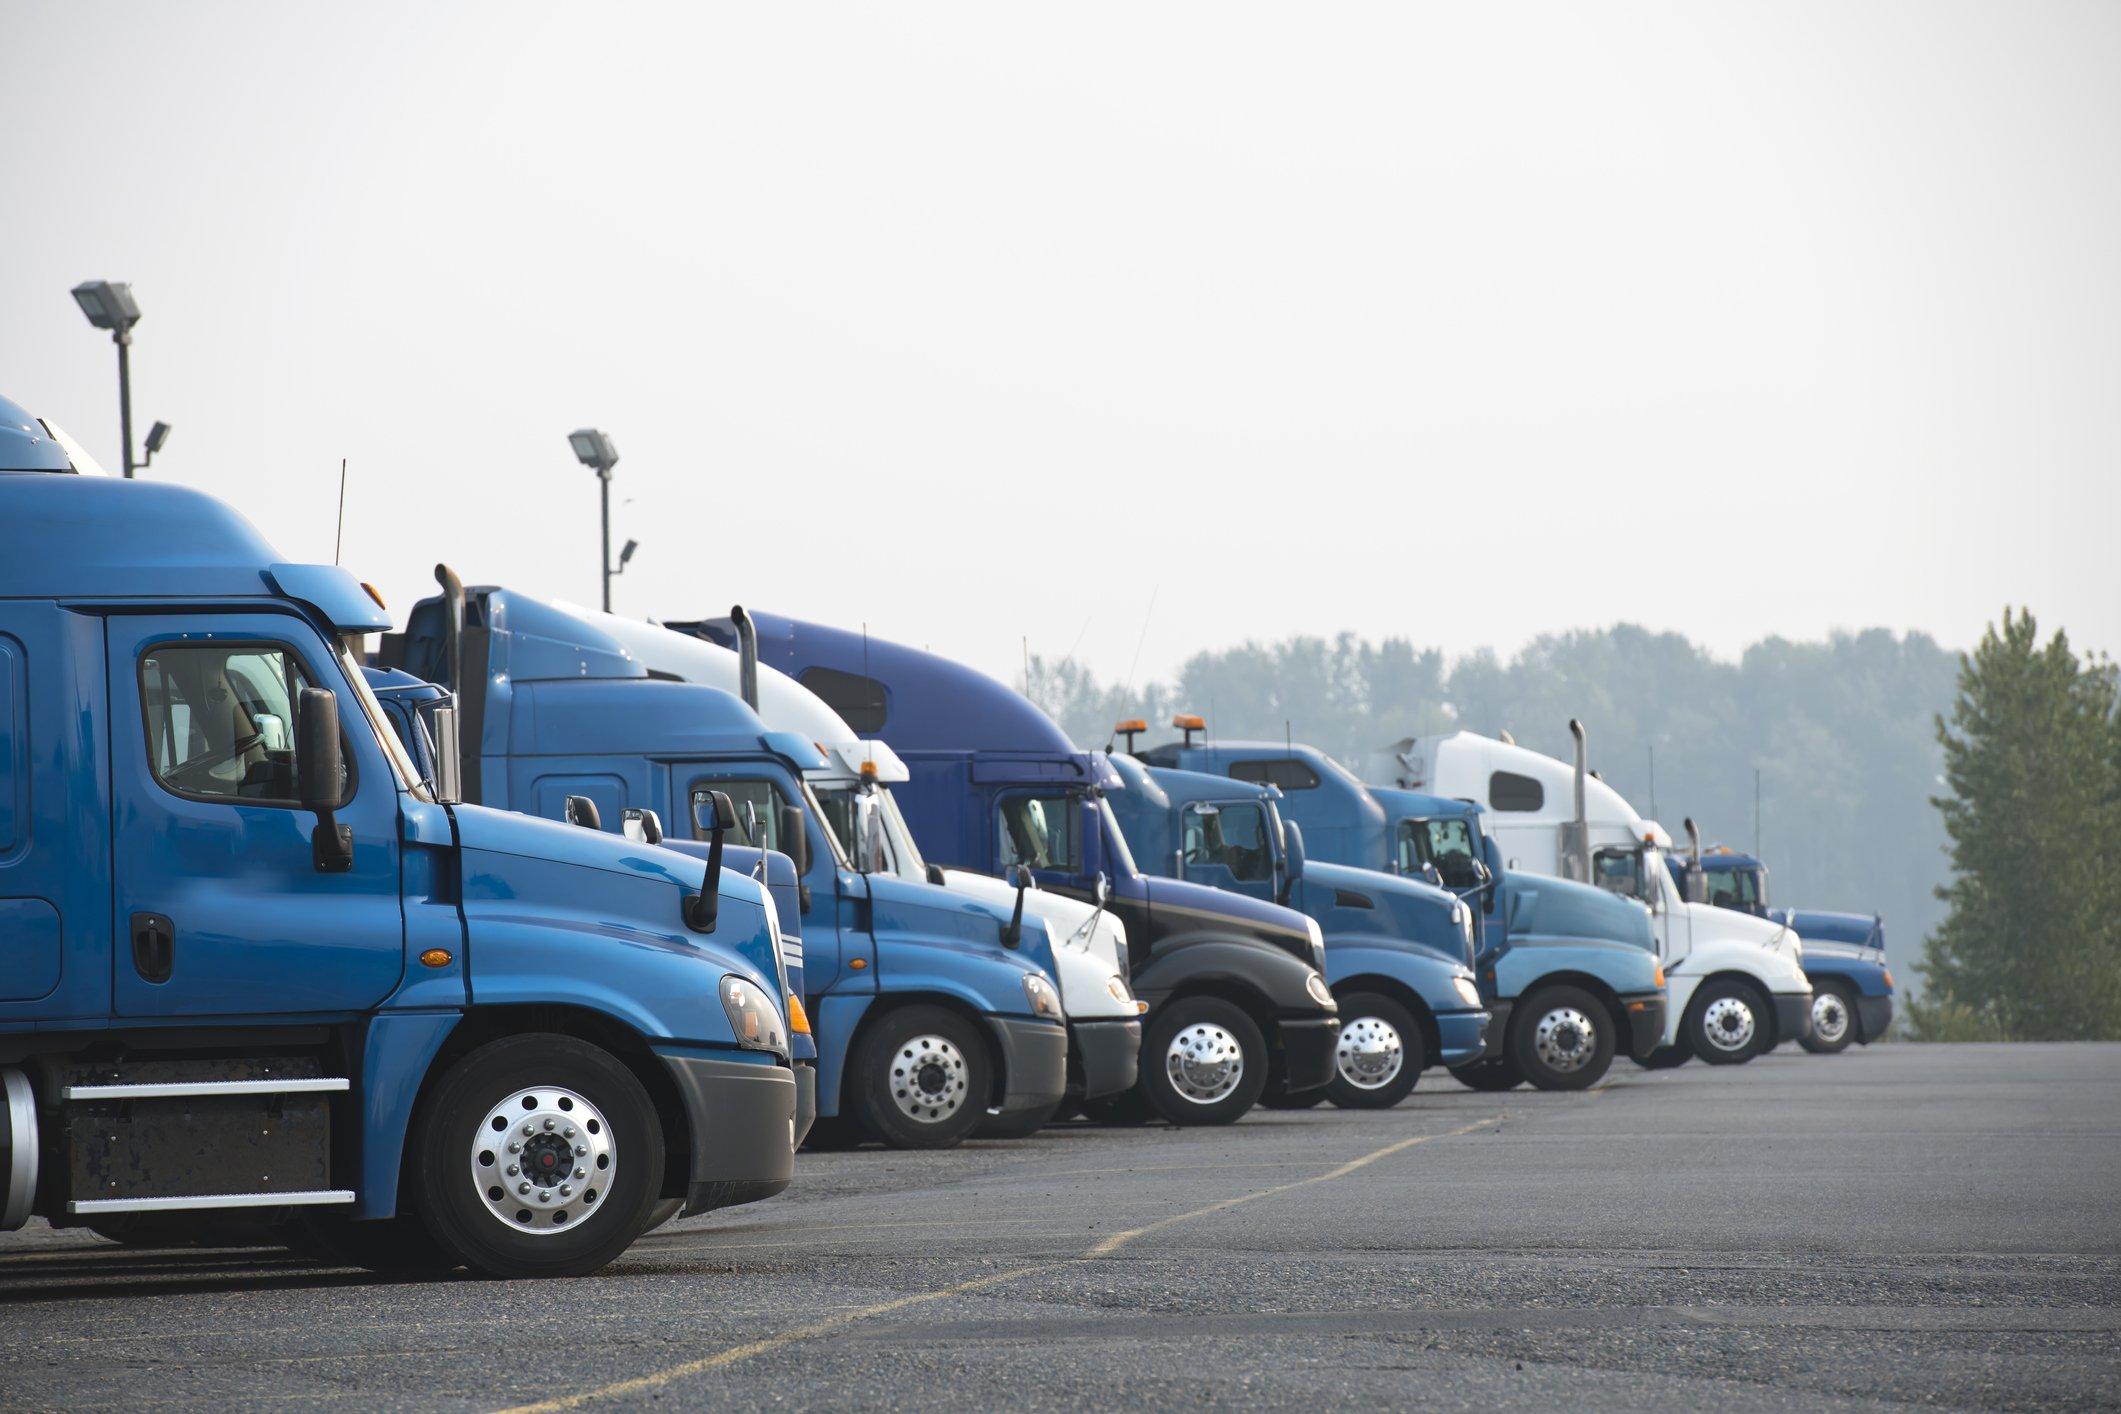 Big rig long haul semi trucks